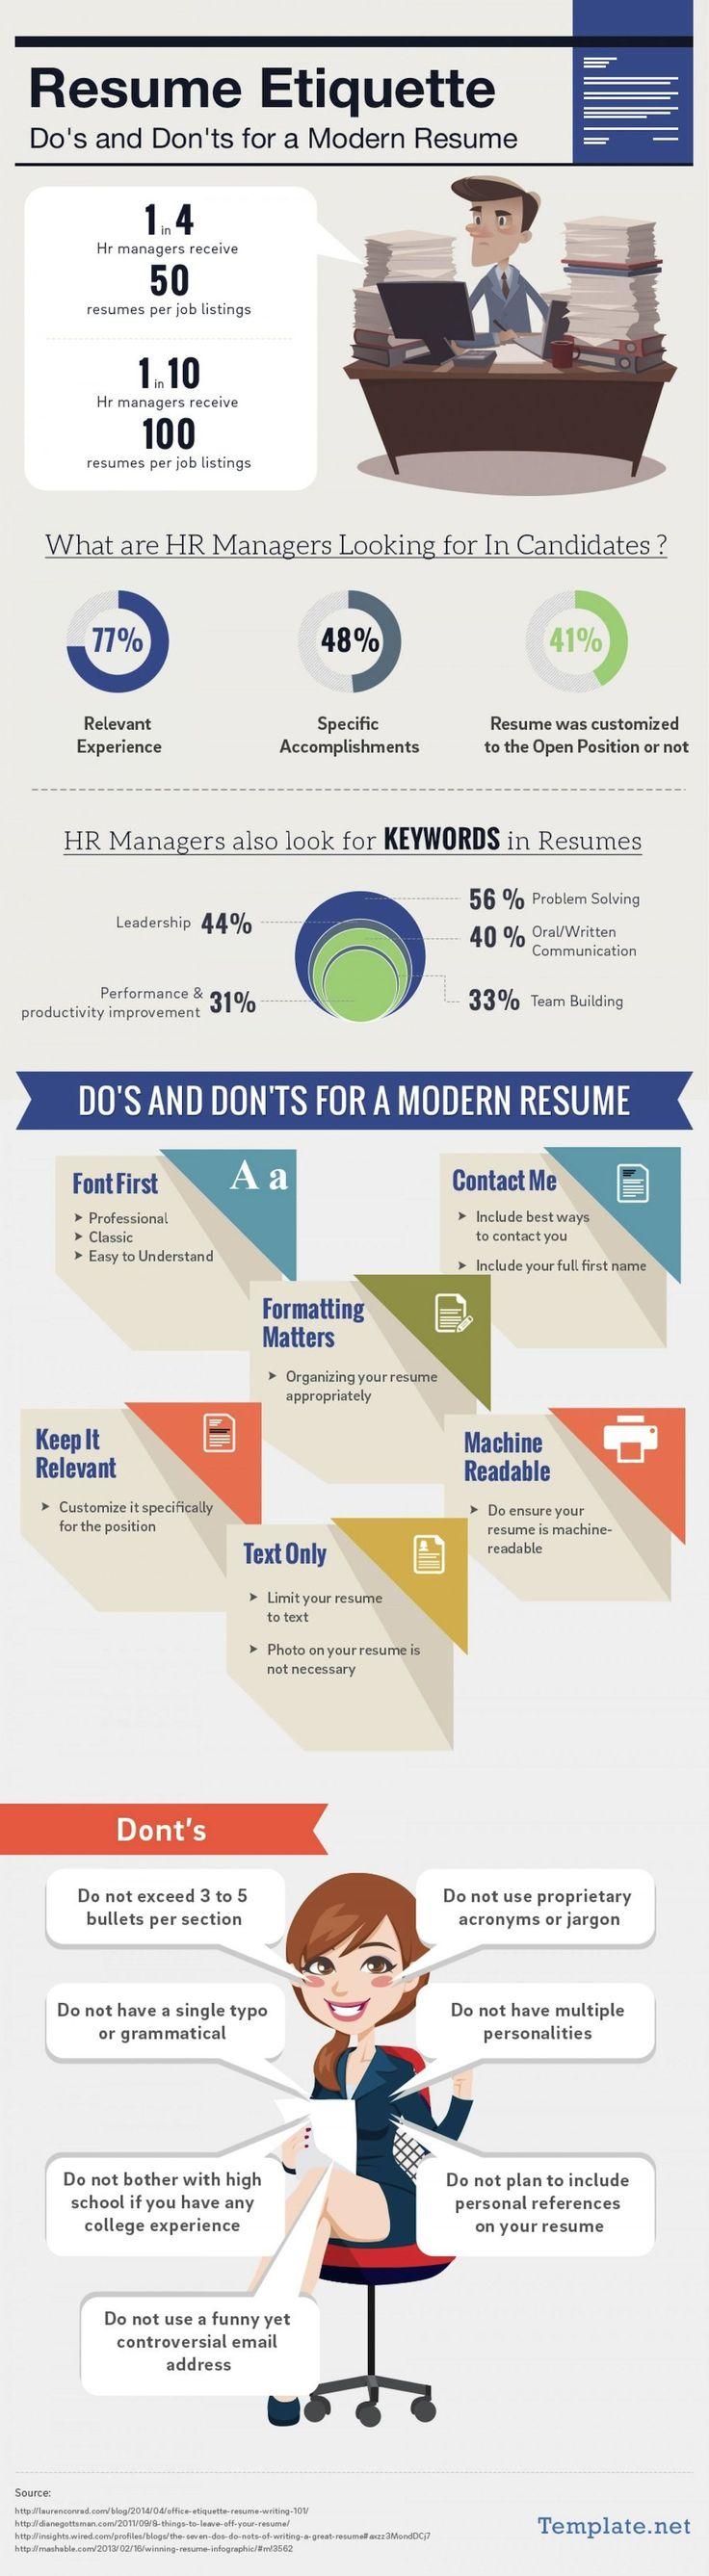 Infographic: Résumé Dos And Don'ts - DesignTAXI.com